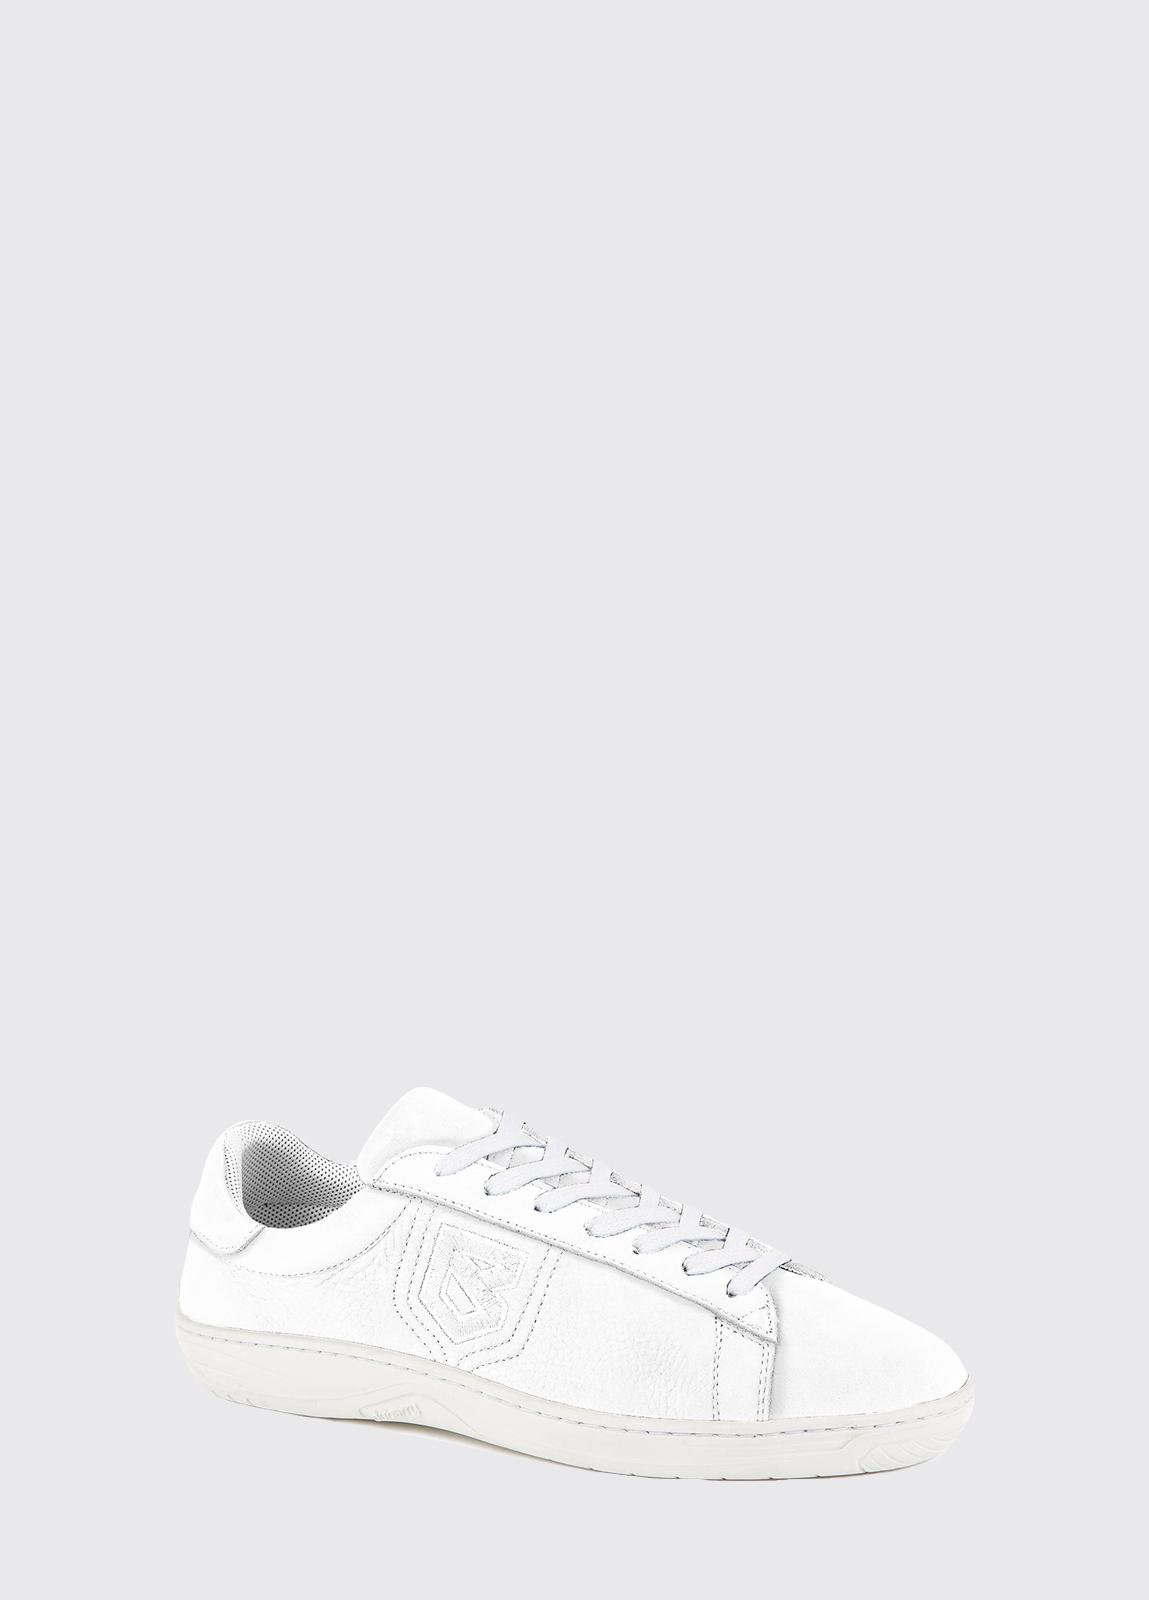 Portofino Deck Shoe - White